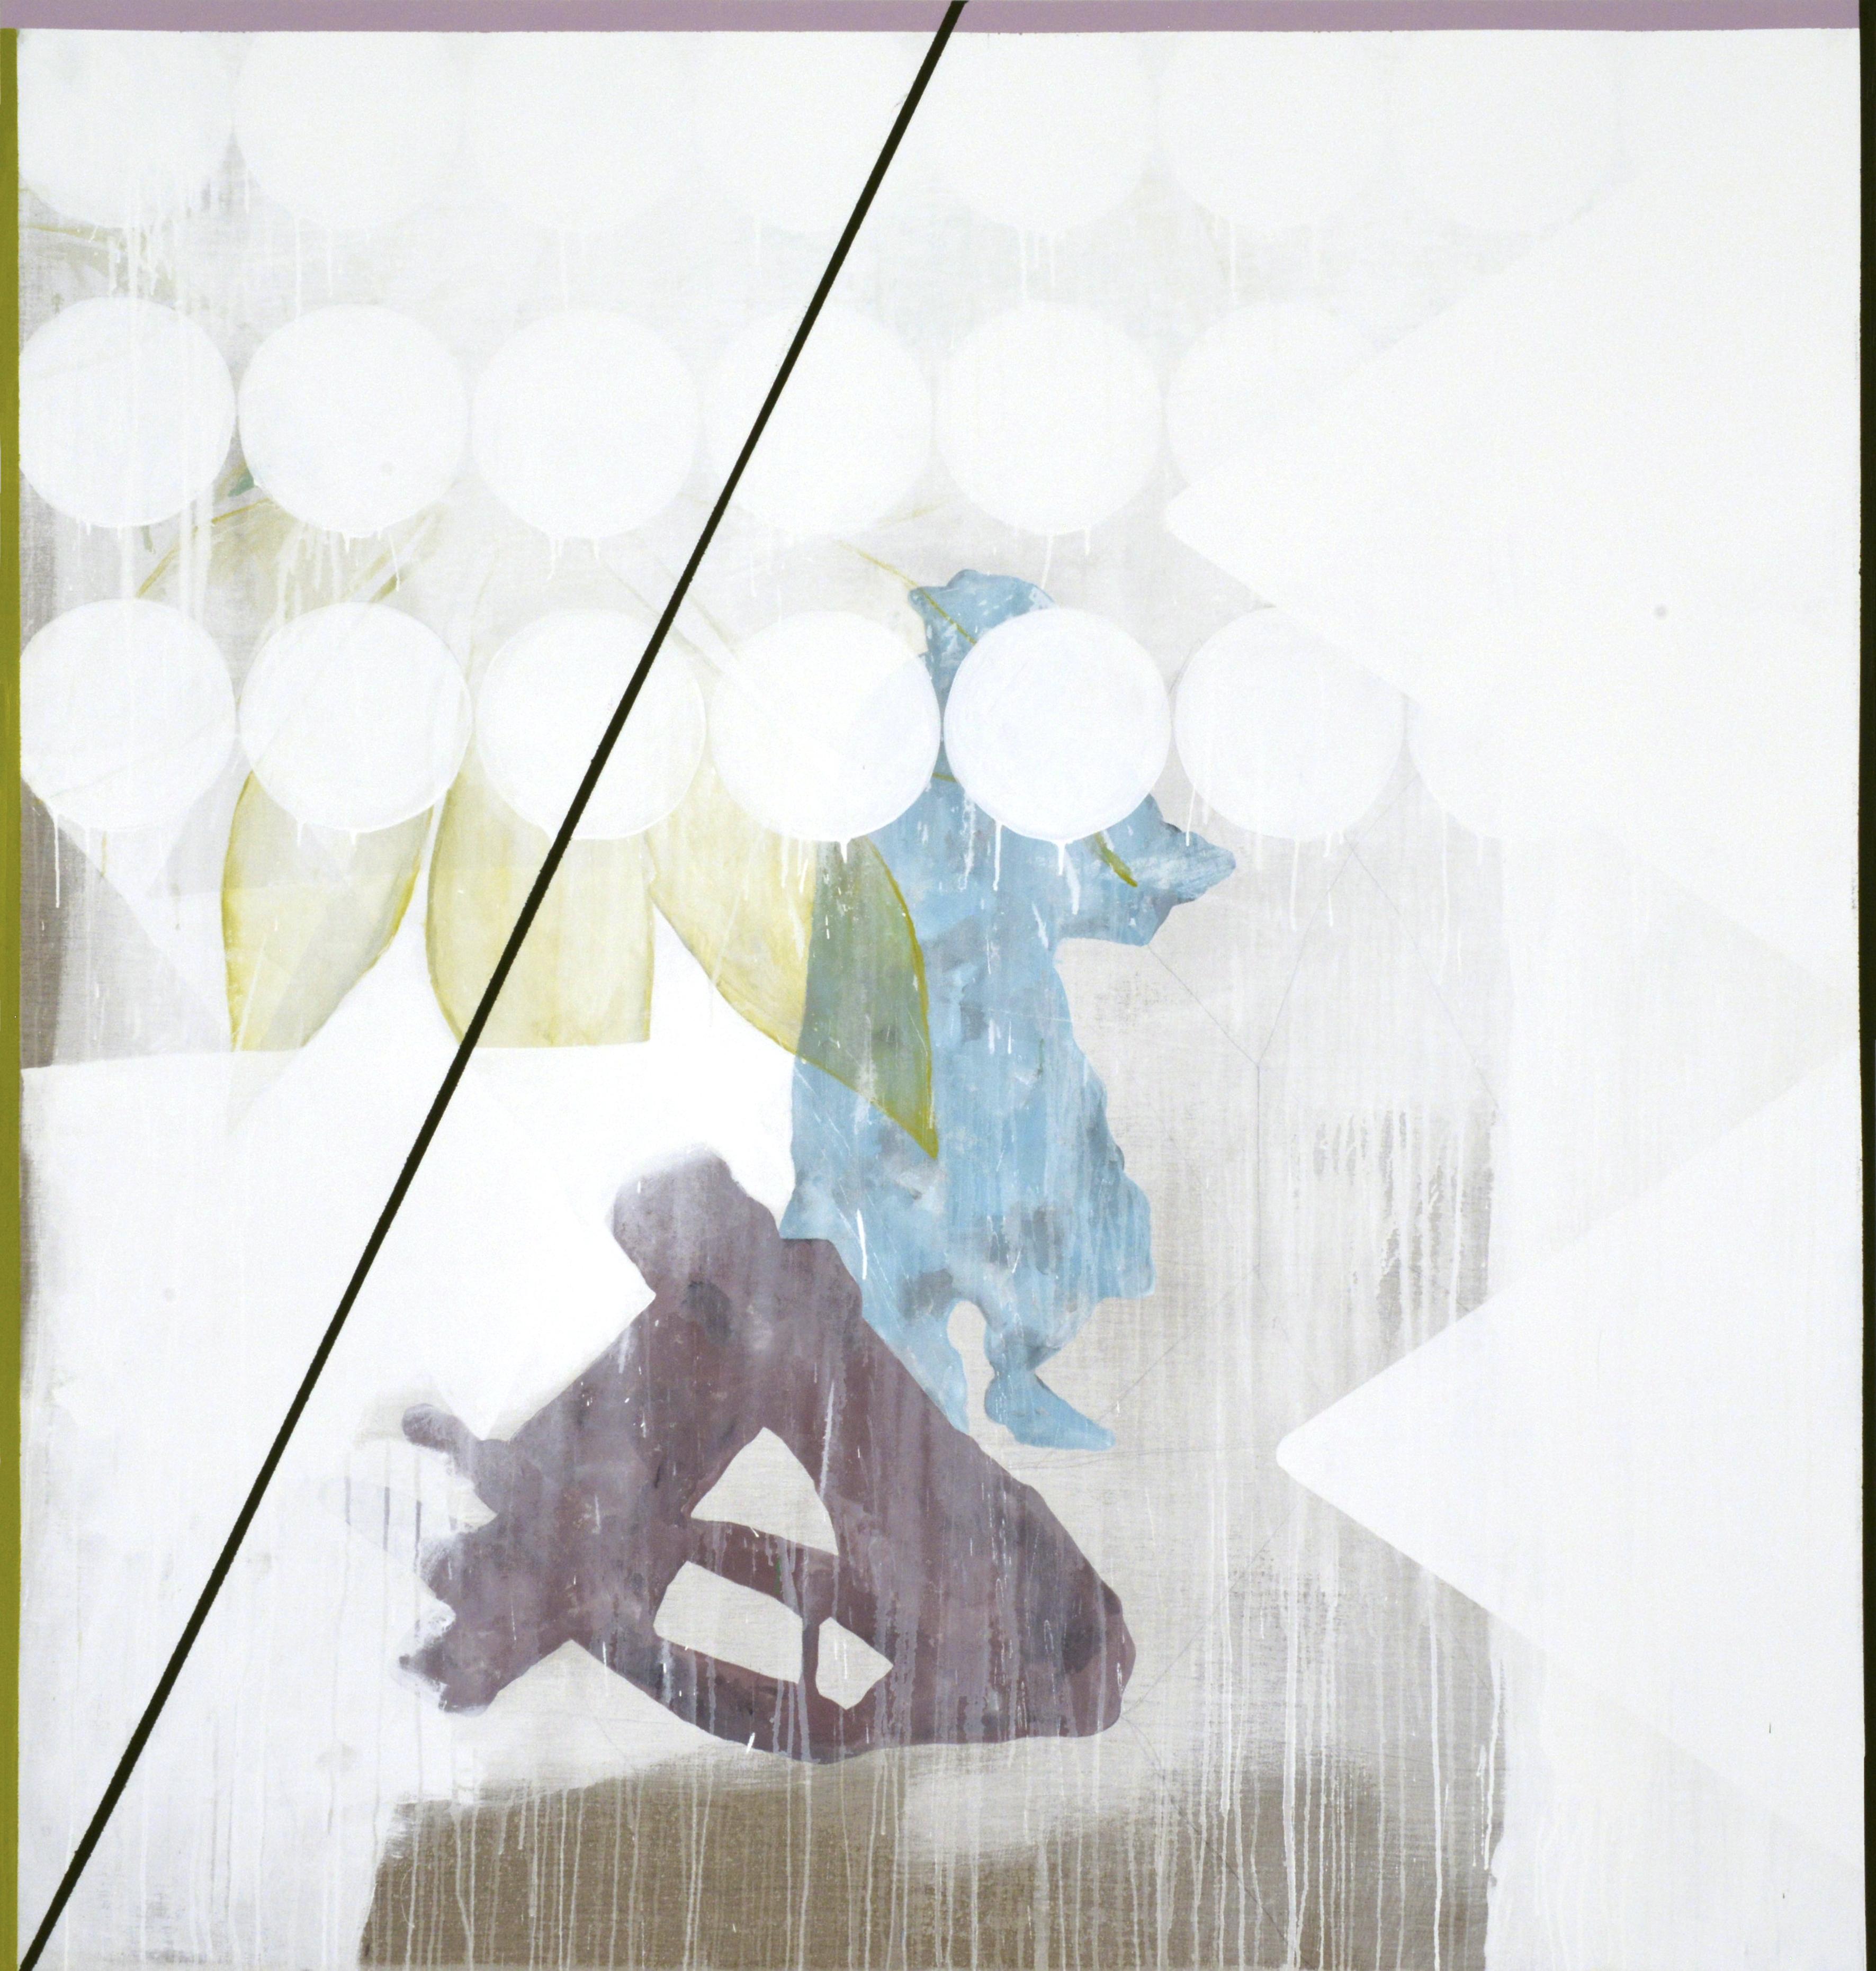 """""""Io sono la lotta"""" (dettaglio dell'opera), 2017, tecnica mista su lino grezzo, 190 x 180 cm, Courtesy l'artista"""